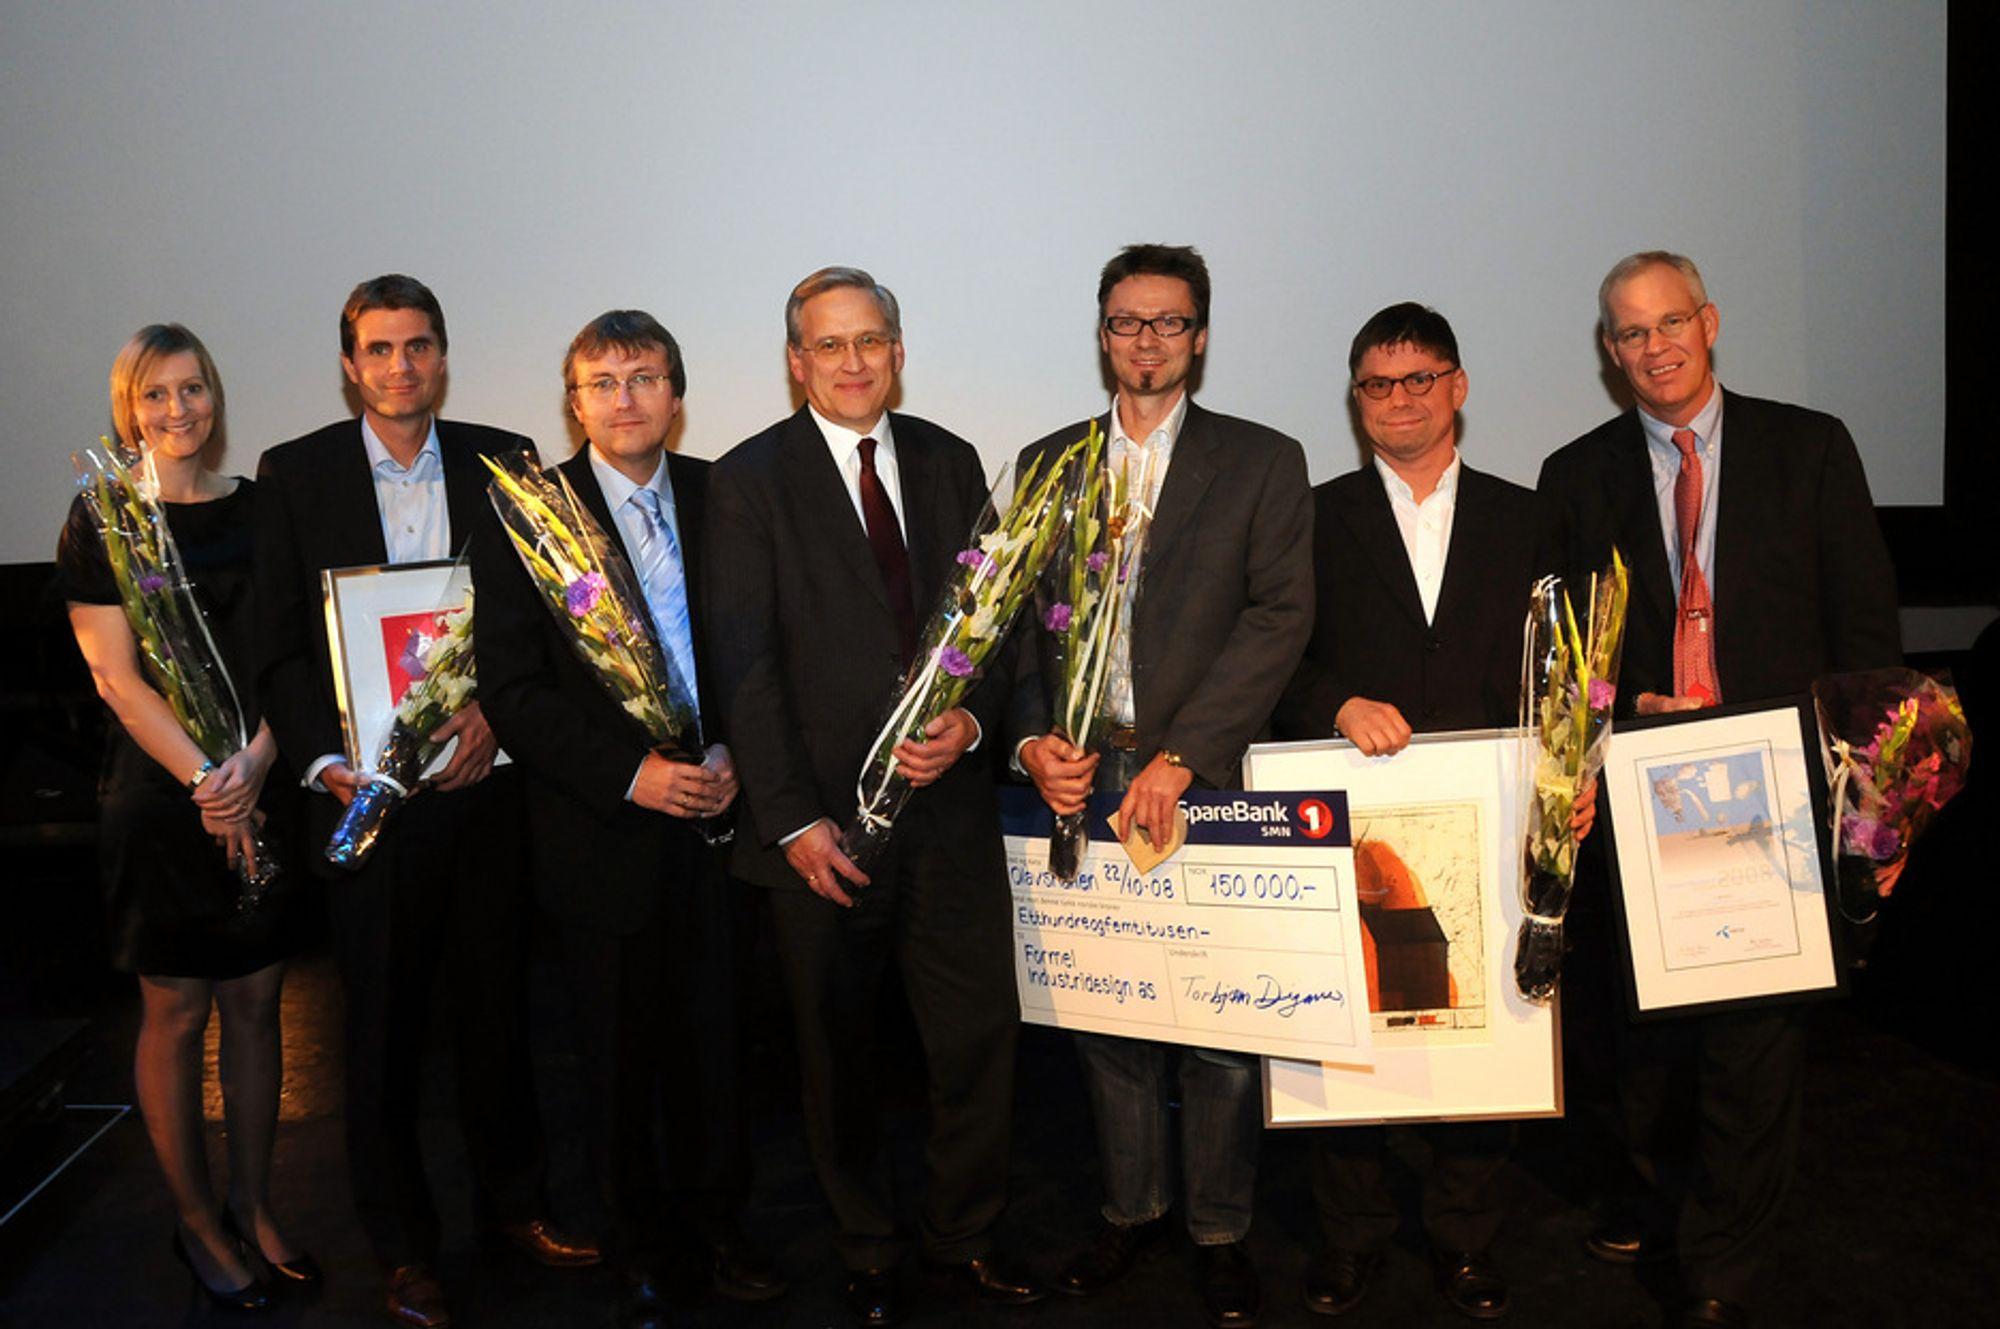 Her er vinnerne av Technoport Awards i 2008: Ingvild Haug, John Marcus Lervik, Simon Woodhouse, Oscar Grav, Geir Eide, Jan Nossen, Richard S. Ling